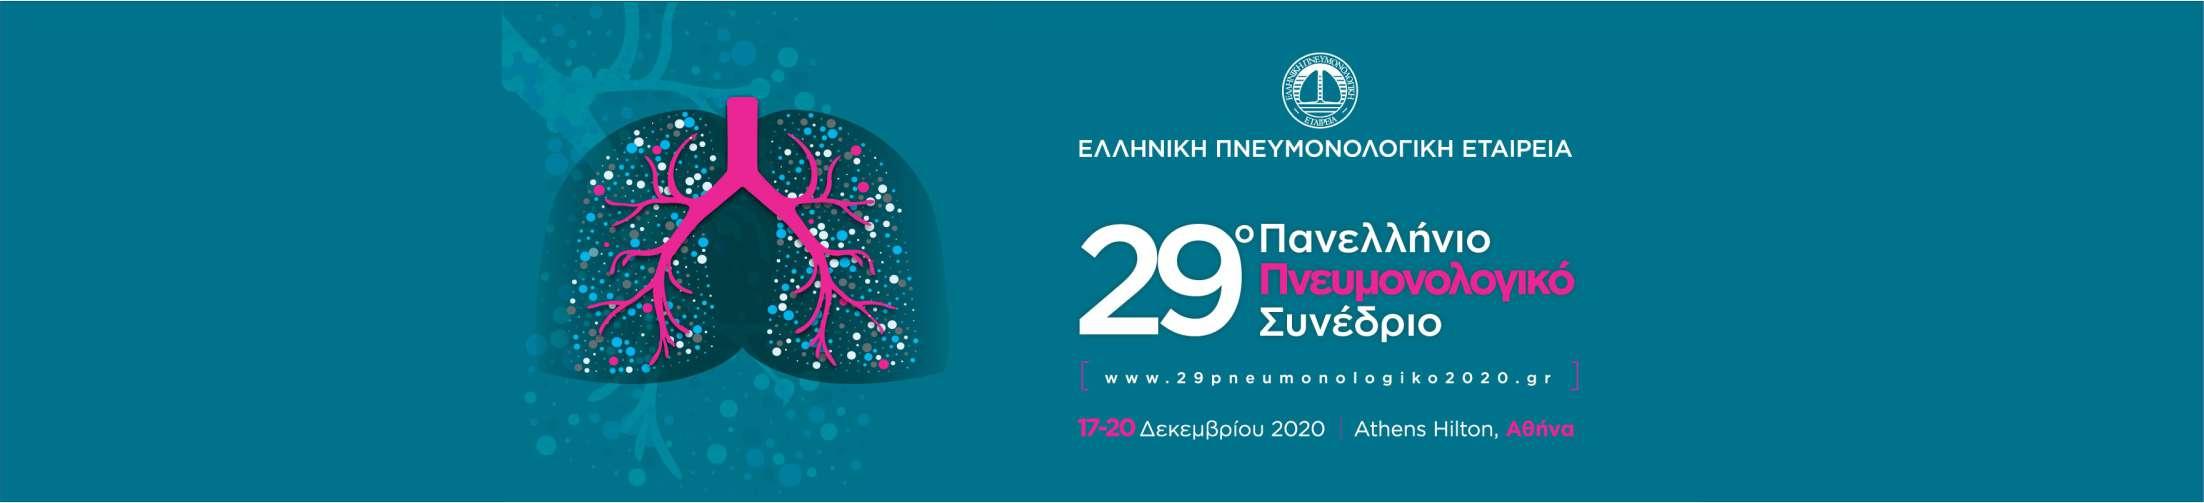 ΕΠΕ - 29o Πανελλήνιο Πνευμονολογικό Συνέδριο -1